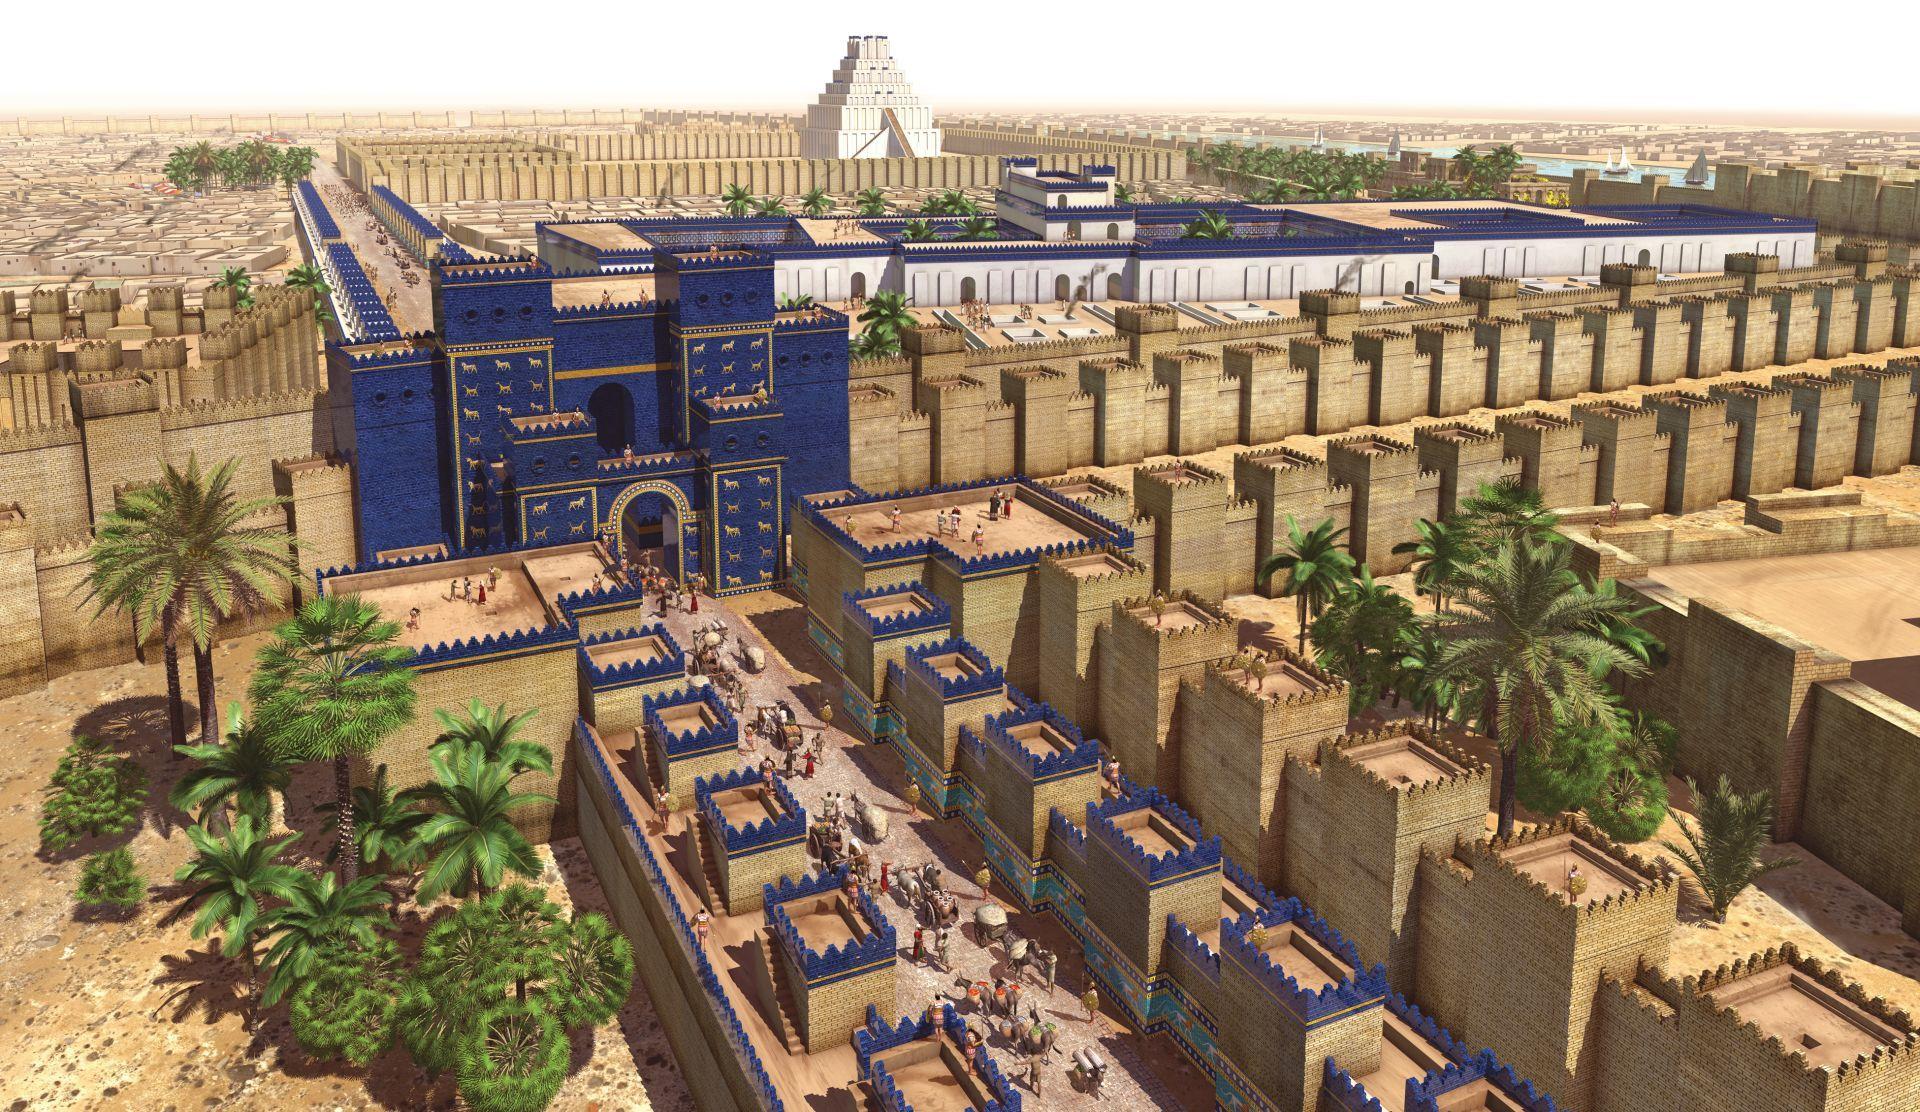 Babil, Babylon